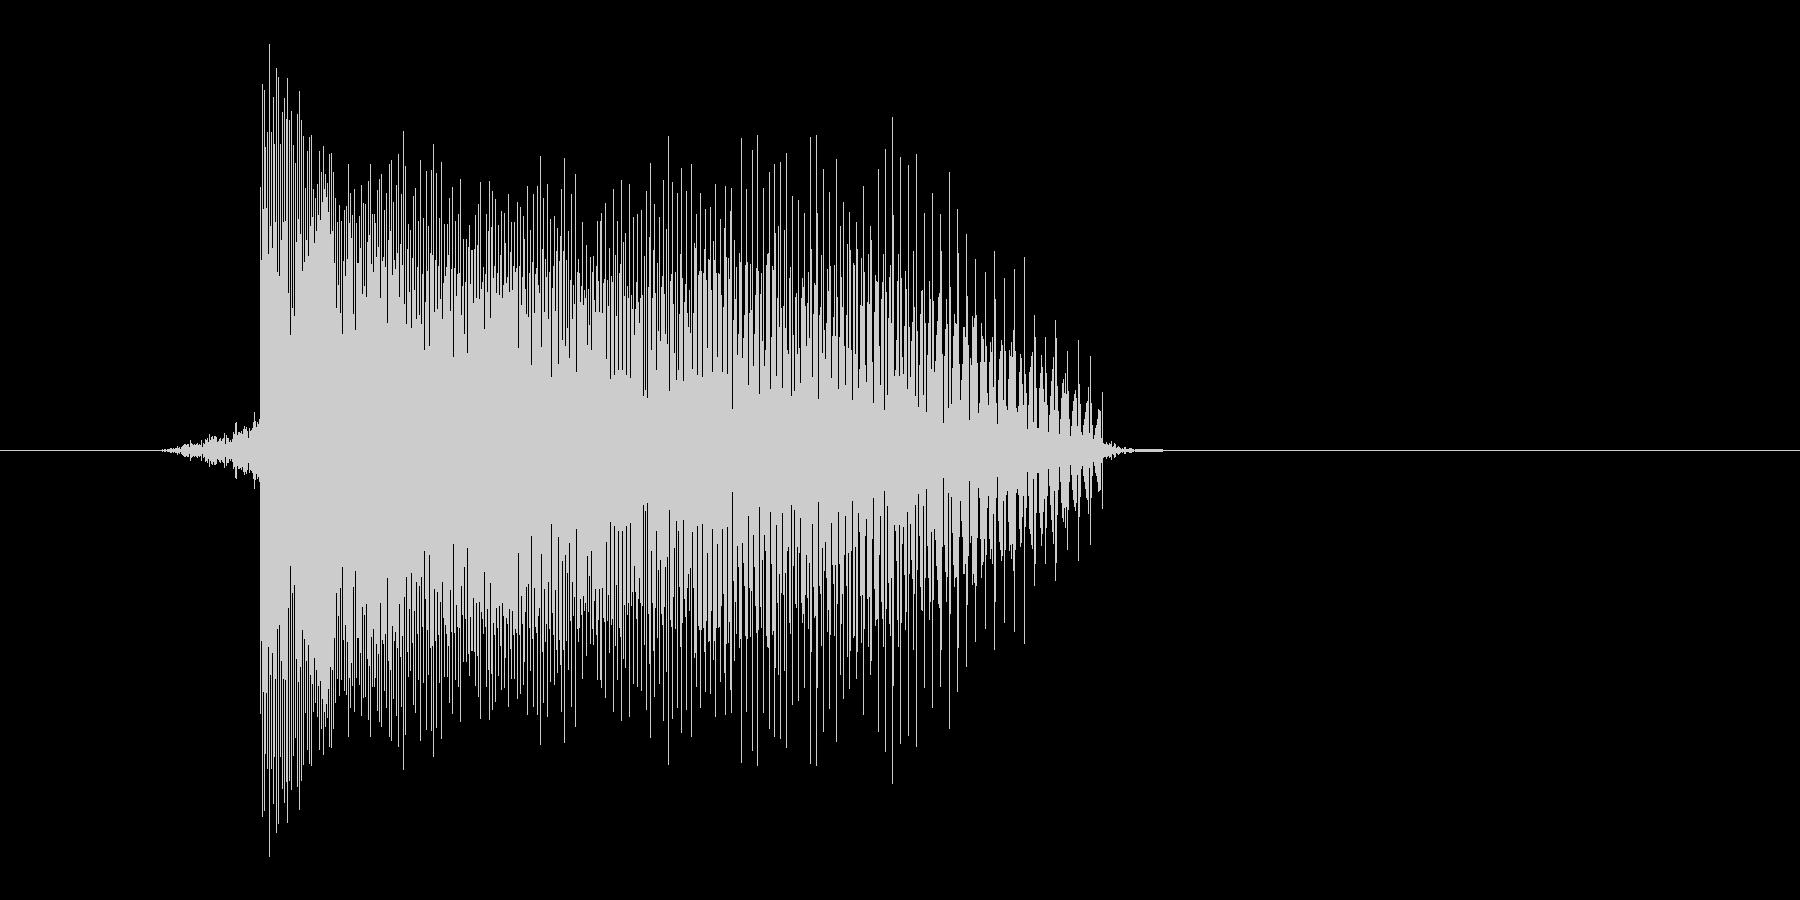 ゲーム(ファミコン風)レーザー音_034の未再生の波形